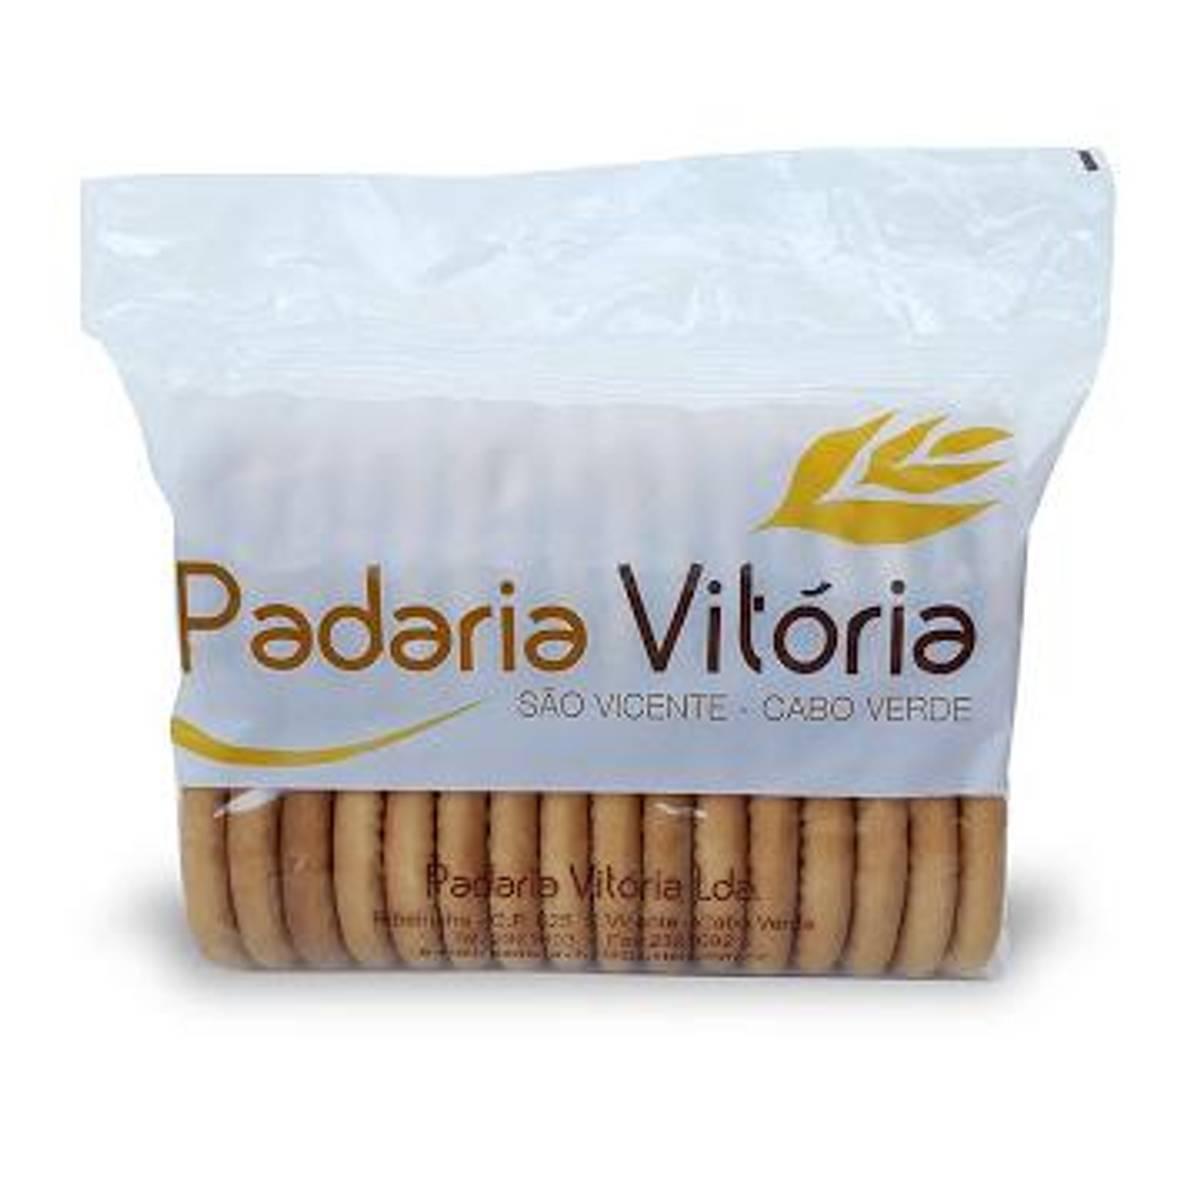 BOLACHA VITÓRIA PADARIA 500g